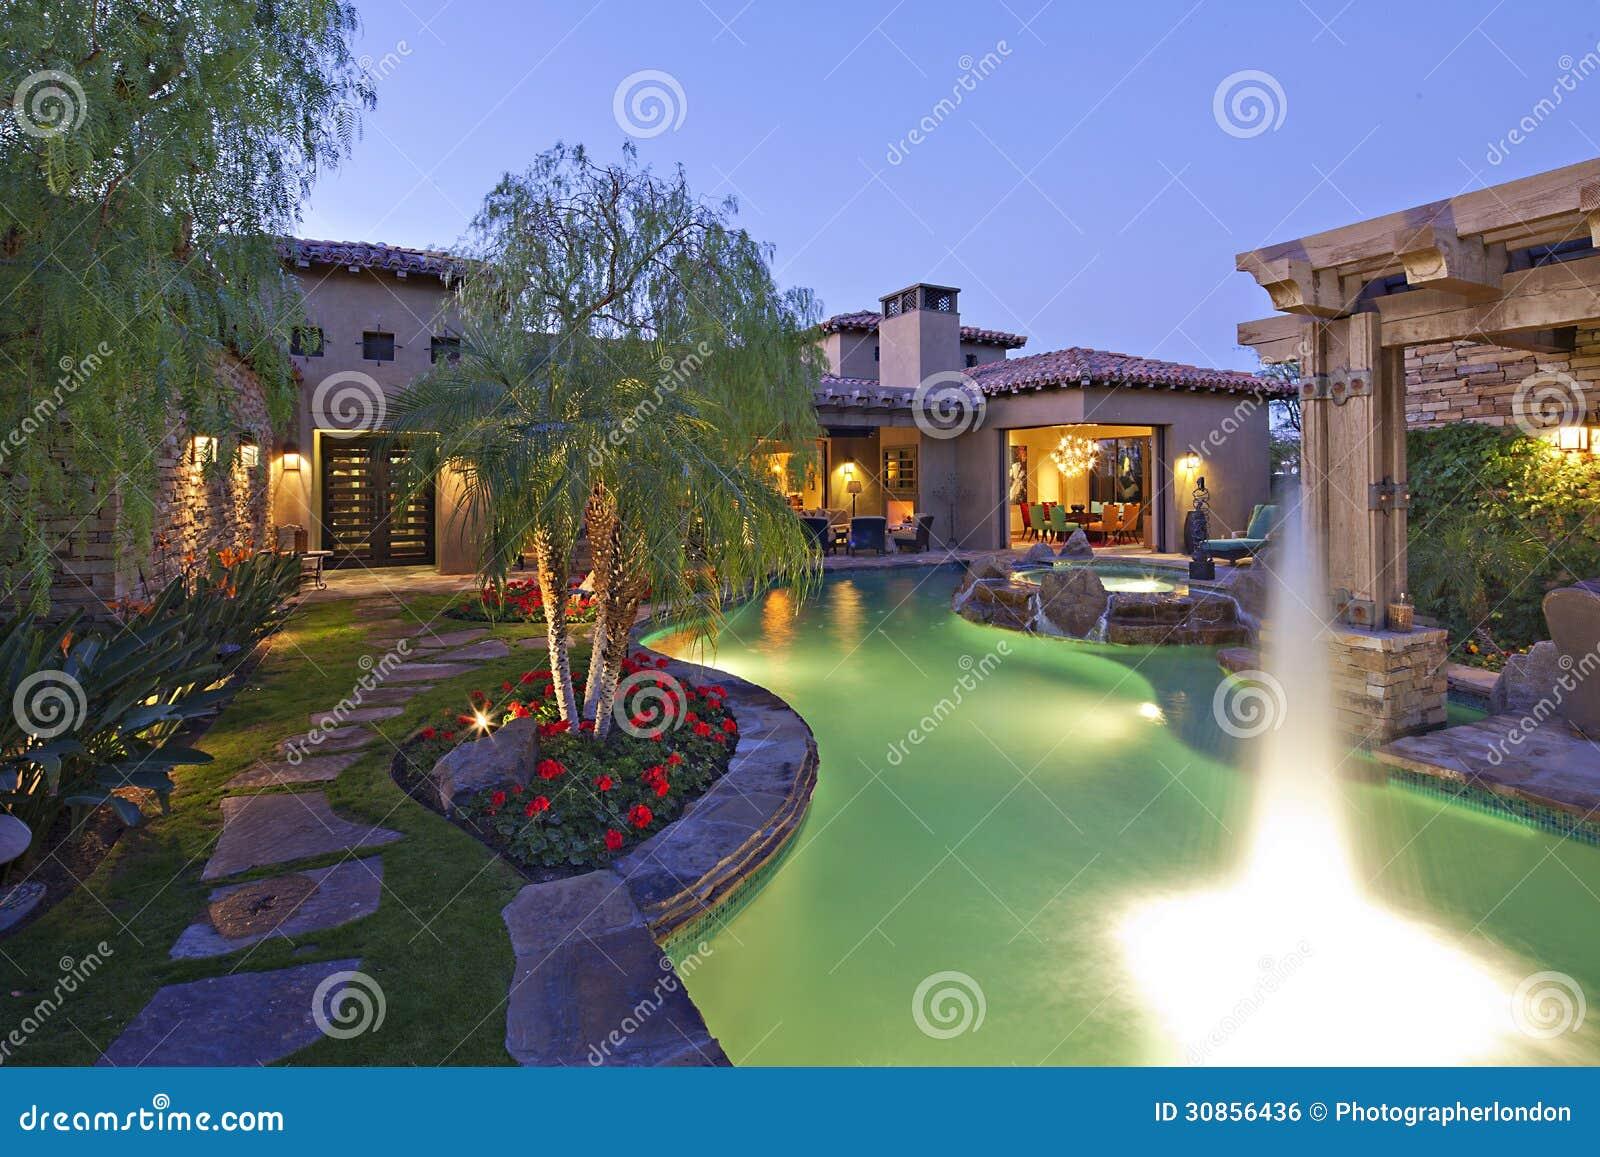 Schietend water buiten huis buiten met zwembad en hete ton royalty vrije stock afbeelding - Huis design met zwembad ...